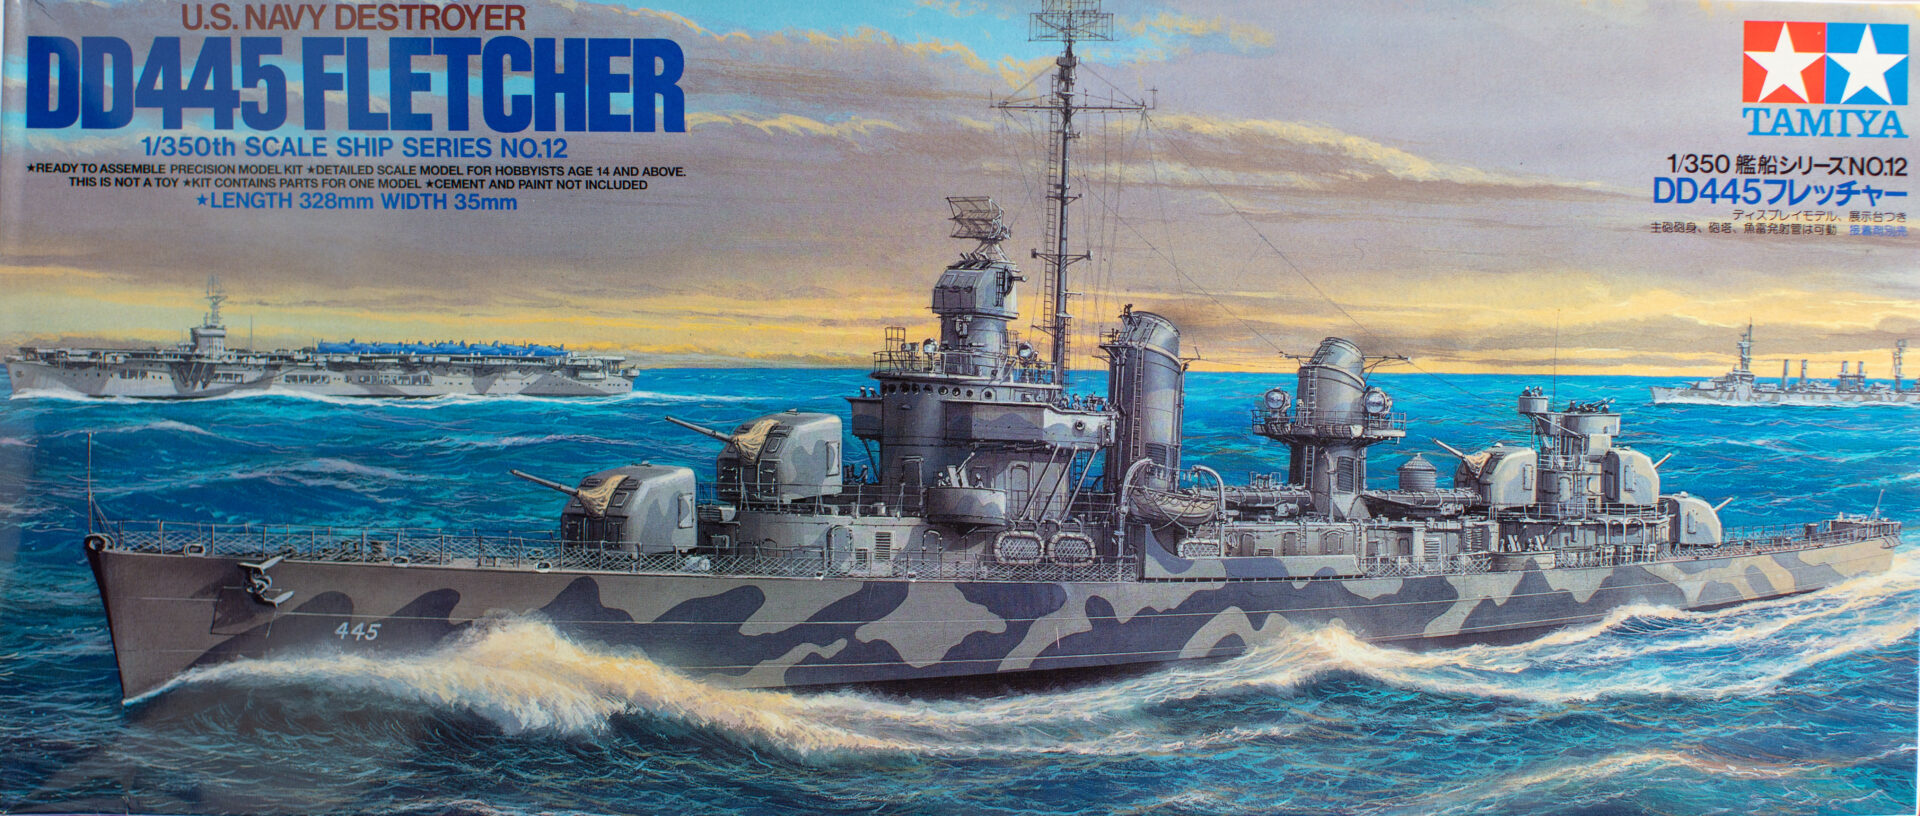 DD445-Box-top-1